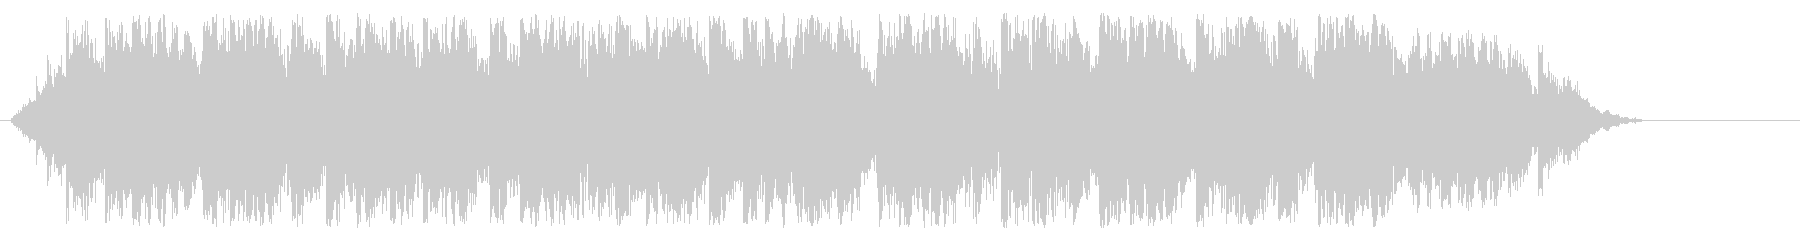 カリヨンの鐘の未再生の波形